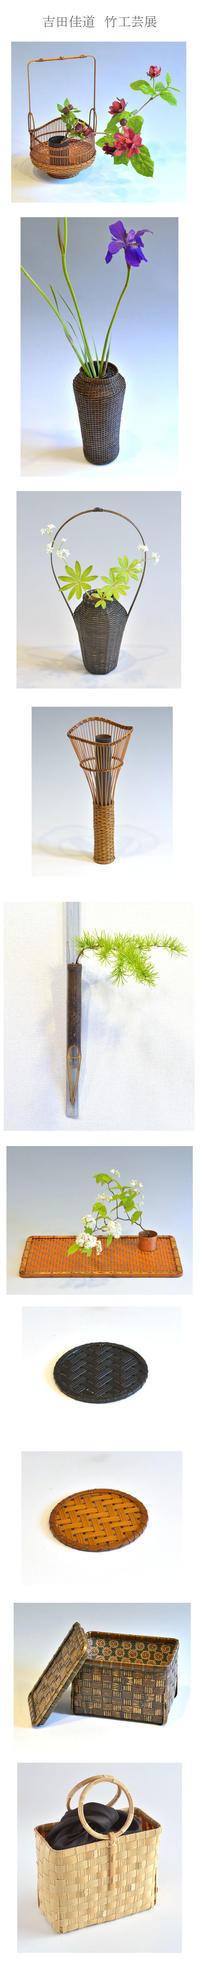 昨日にて「竹工芸展」吉田佳道は終了致しました。 - Gallery福田